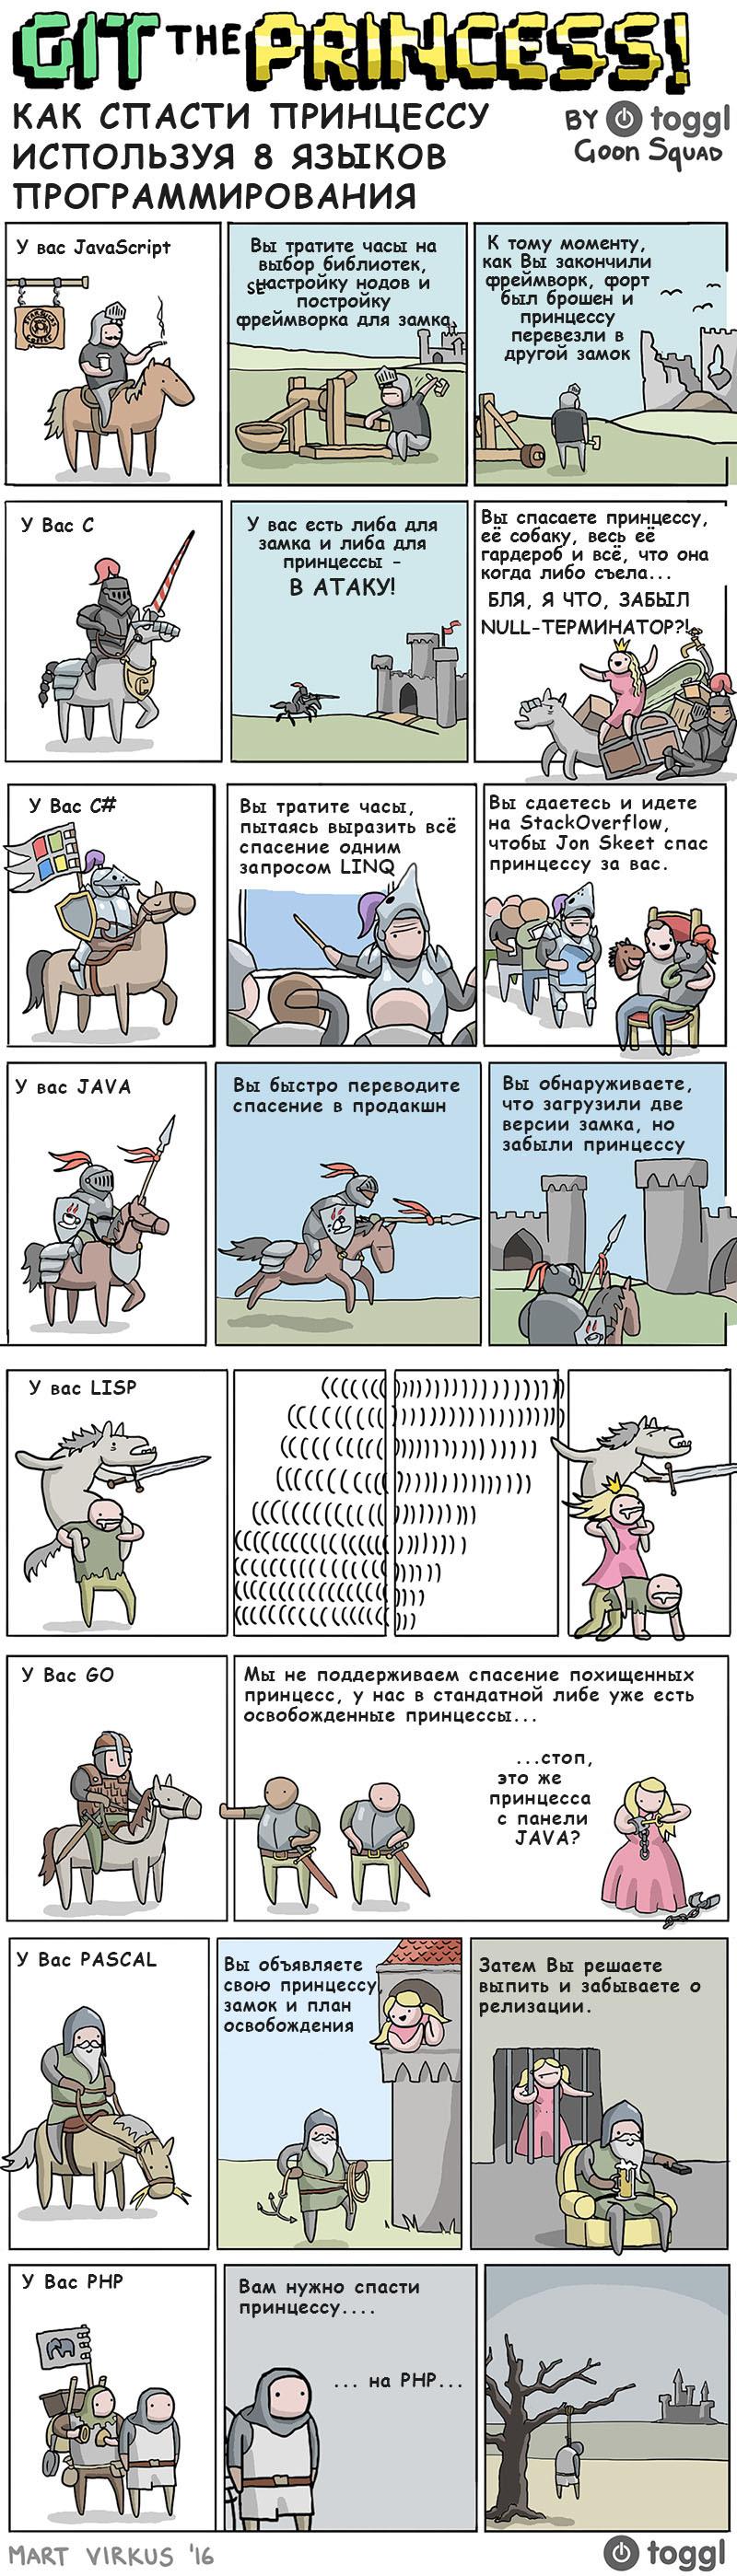 Спасение принцессы на 8 языках программирования